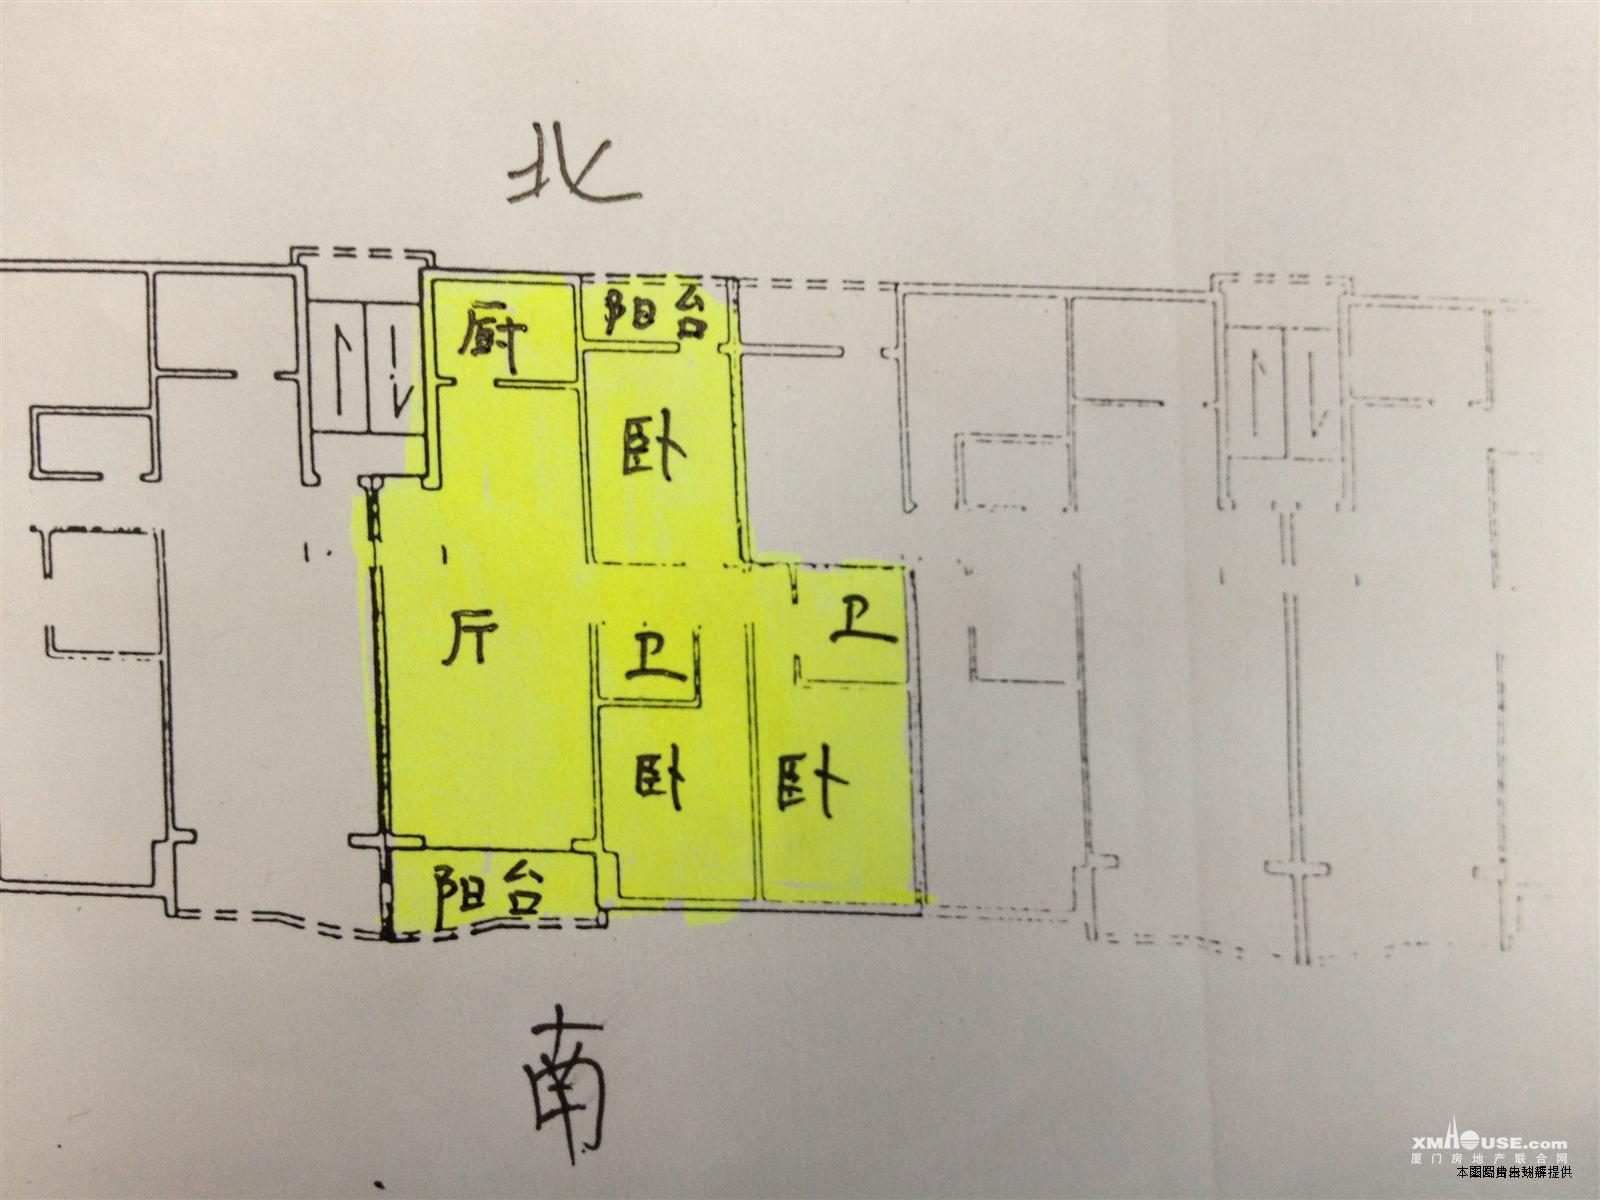 125平方米房屋平面设计图